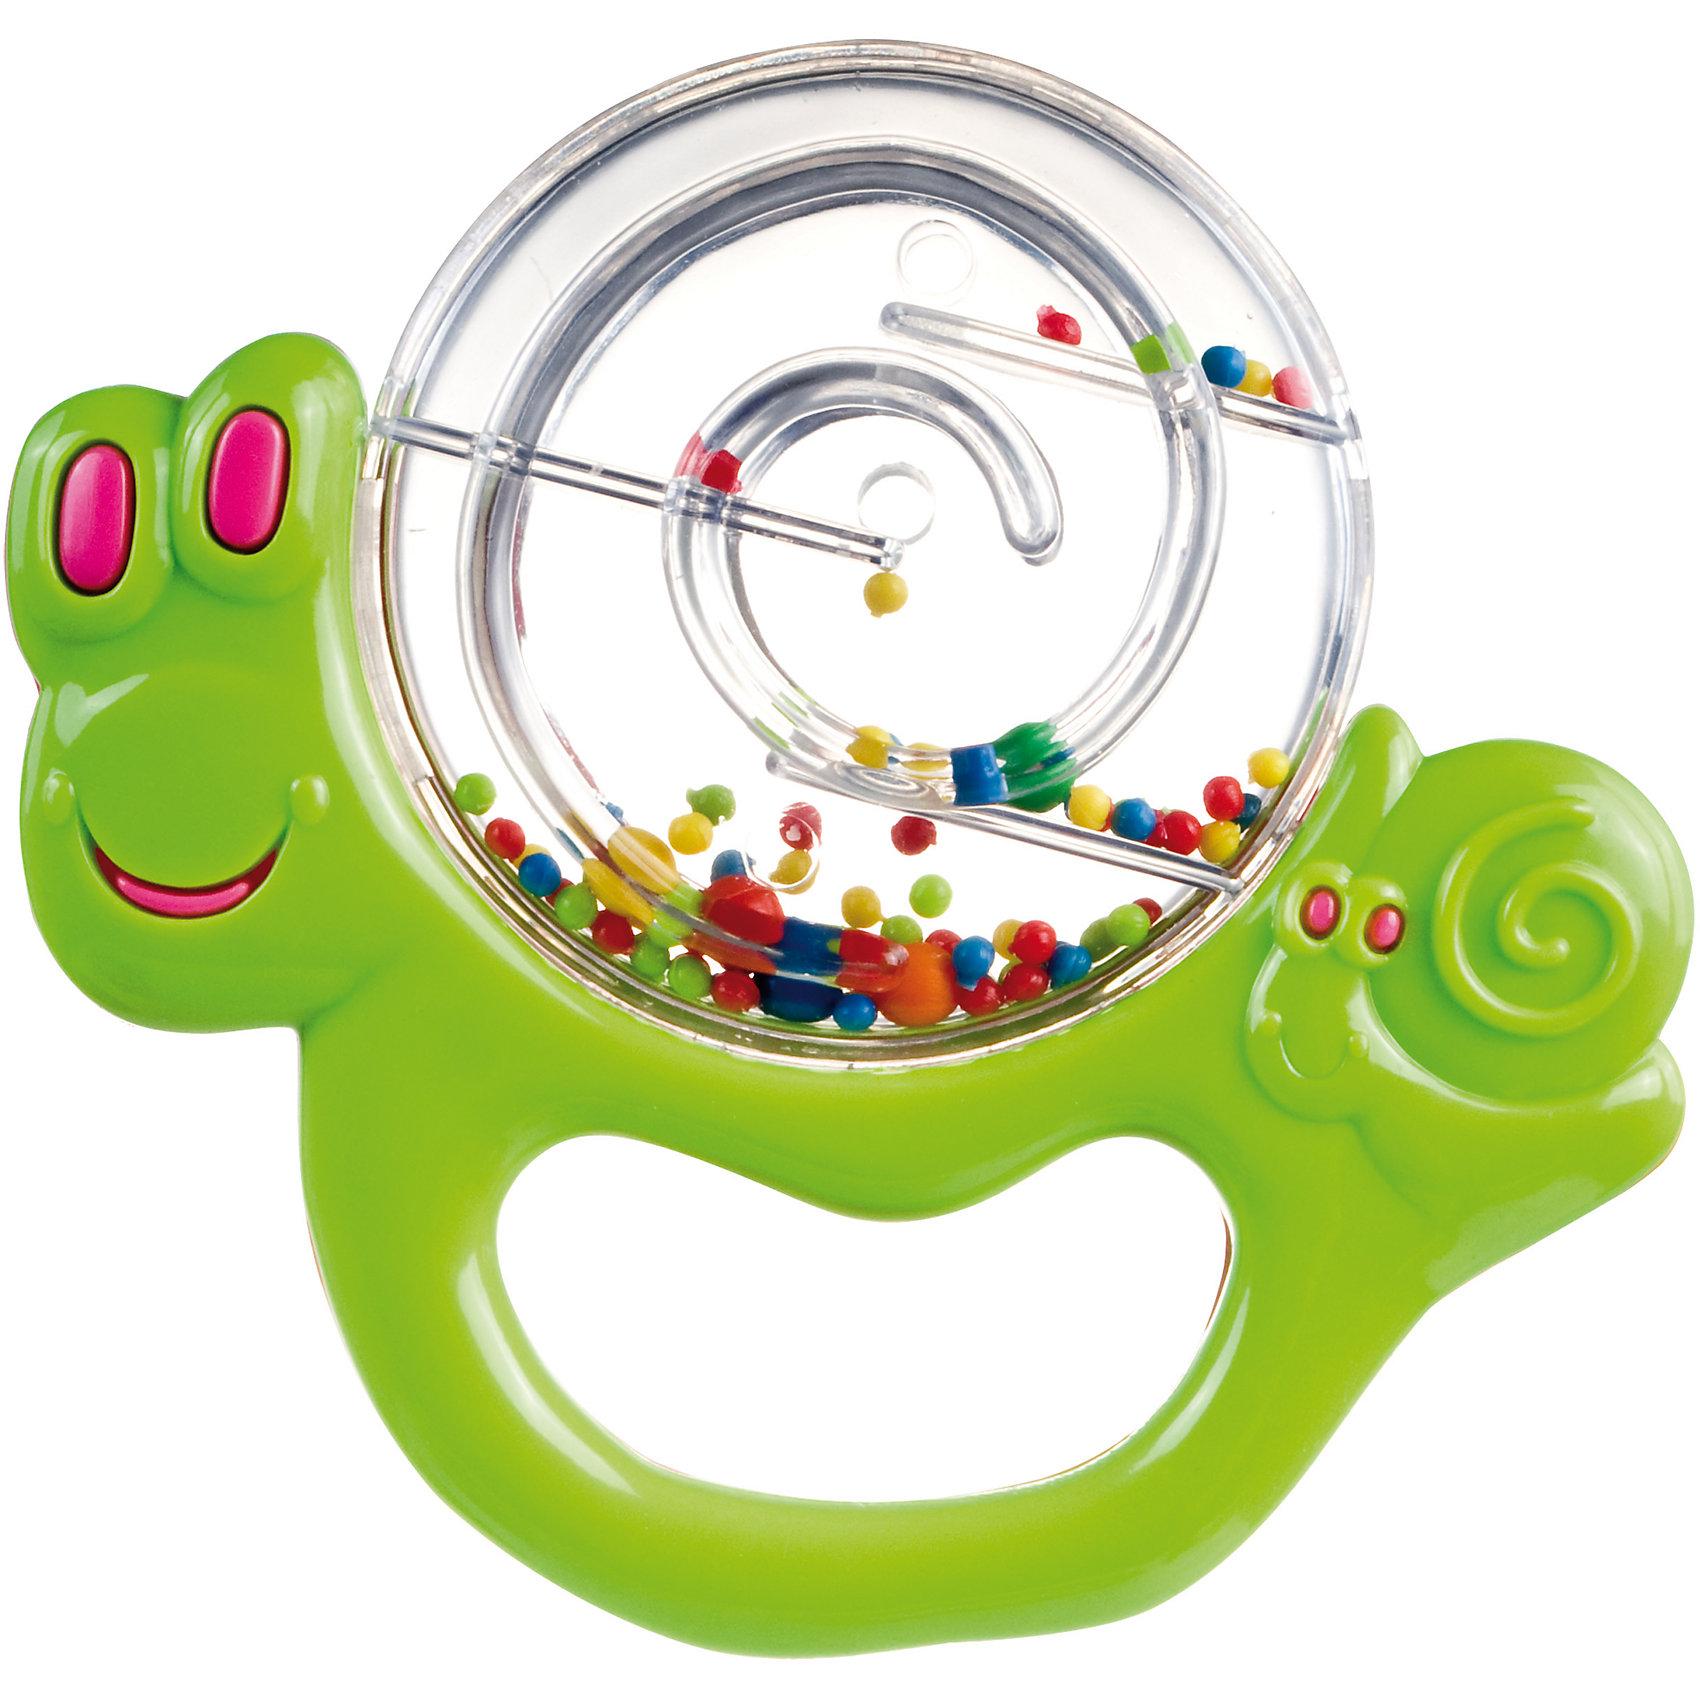 Погремушка Улитка, 0+, Canpol Babies, зеленыйИгрушки для малышей<br>Погремушка Улитка, 0+, Canpol Babies ( Канпол Бейбис), зеленый<br>Характеристики:<br>• Материал:  пластик.<br>• Цвет: зеленый.<br><br>Погремушка Улитка, 0+, Canpol Babies ( Канпол Бейбис), зеленый —  яркая и легкая игрушка, которую удобно держать в крошечных ручках. Она  сделана в форме забавной улитки из высококачественного пластика, который совершенно безопасен для здоровья вашего малыша! Карапузу будет удобно держать игрушку у себя в ручке! Играя с этой погремушкой, ребенок будет развивать моторику рук, тактильное и звуковое восприятие.<br><br>Погремушку Улитка, 0+, Canpol Babies ( Канпол Бейбис), зеленый можно купить в нашем интернет – магазине.<br><br>Ширина мм: 145<br>Глубина мм: 15<br>Высота мм: 200<br>Вес г: 400<br>Возраст от месяцев: 0<br>Возраст до месяцев: 18<br>Пол: Унисекс<br>Возраст: Детский<br>SKU: 5156762